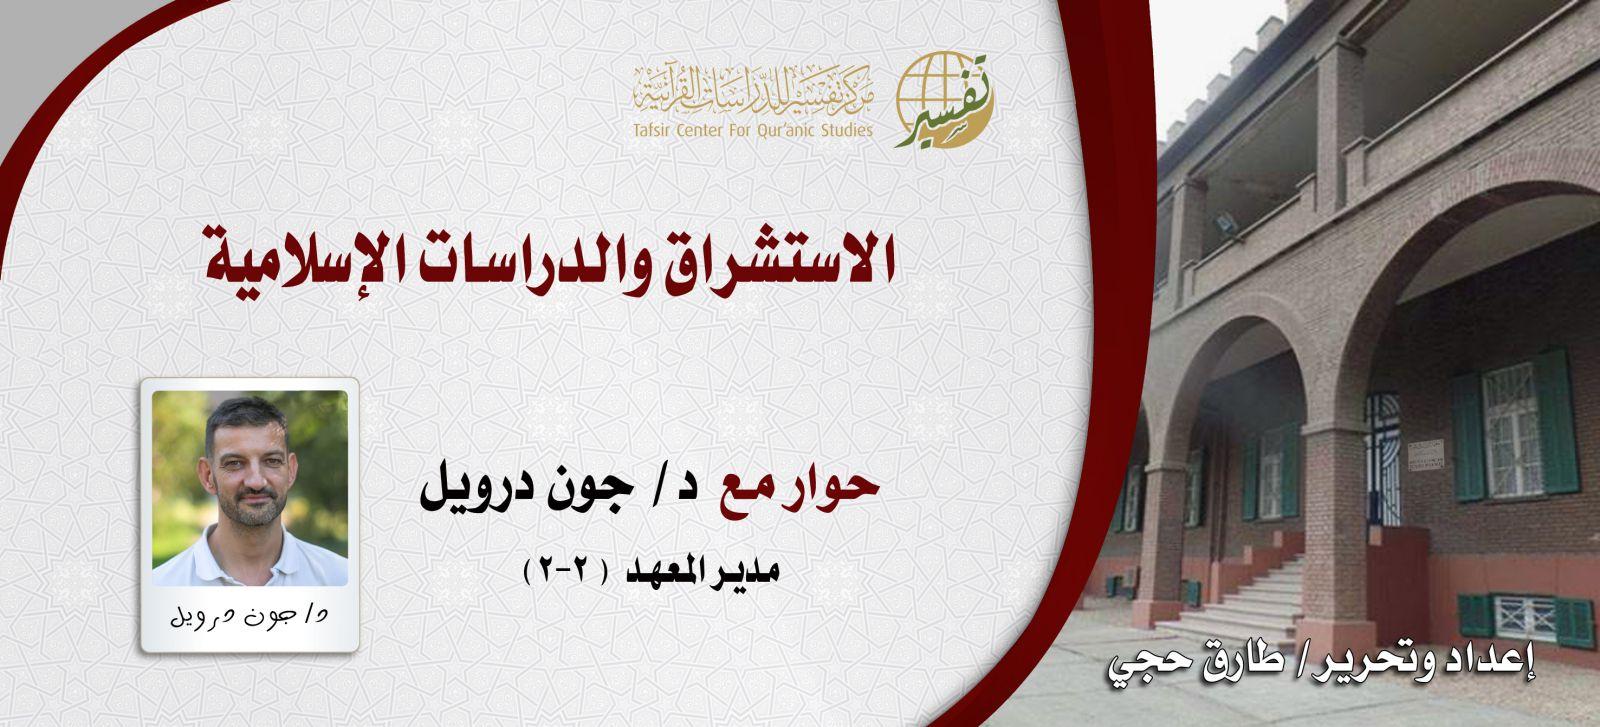 الاستشراق والدراسات الإسلامية؛ حوار مع د/ جون درويل مدير معهد الآباء الدومنيكان للدراسات الشرقية 2-2